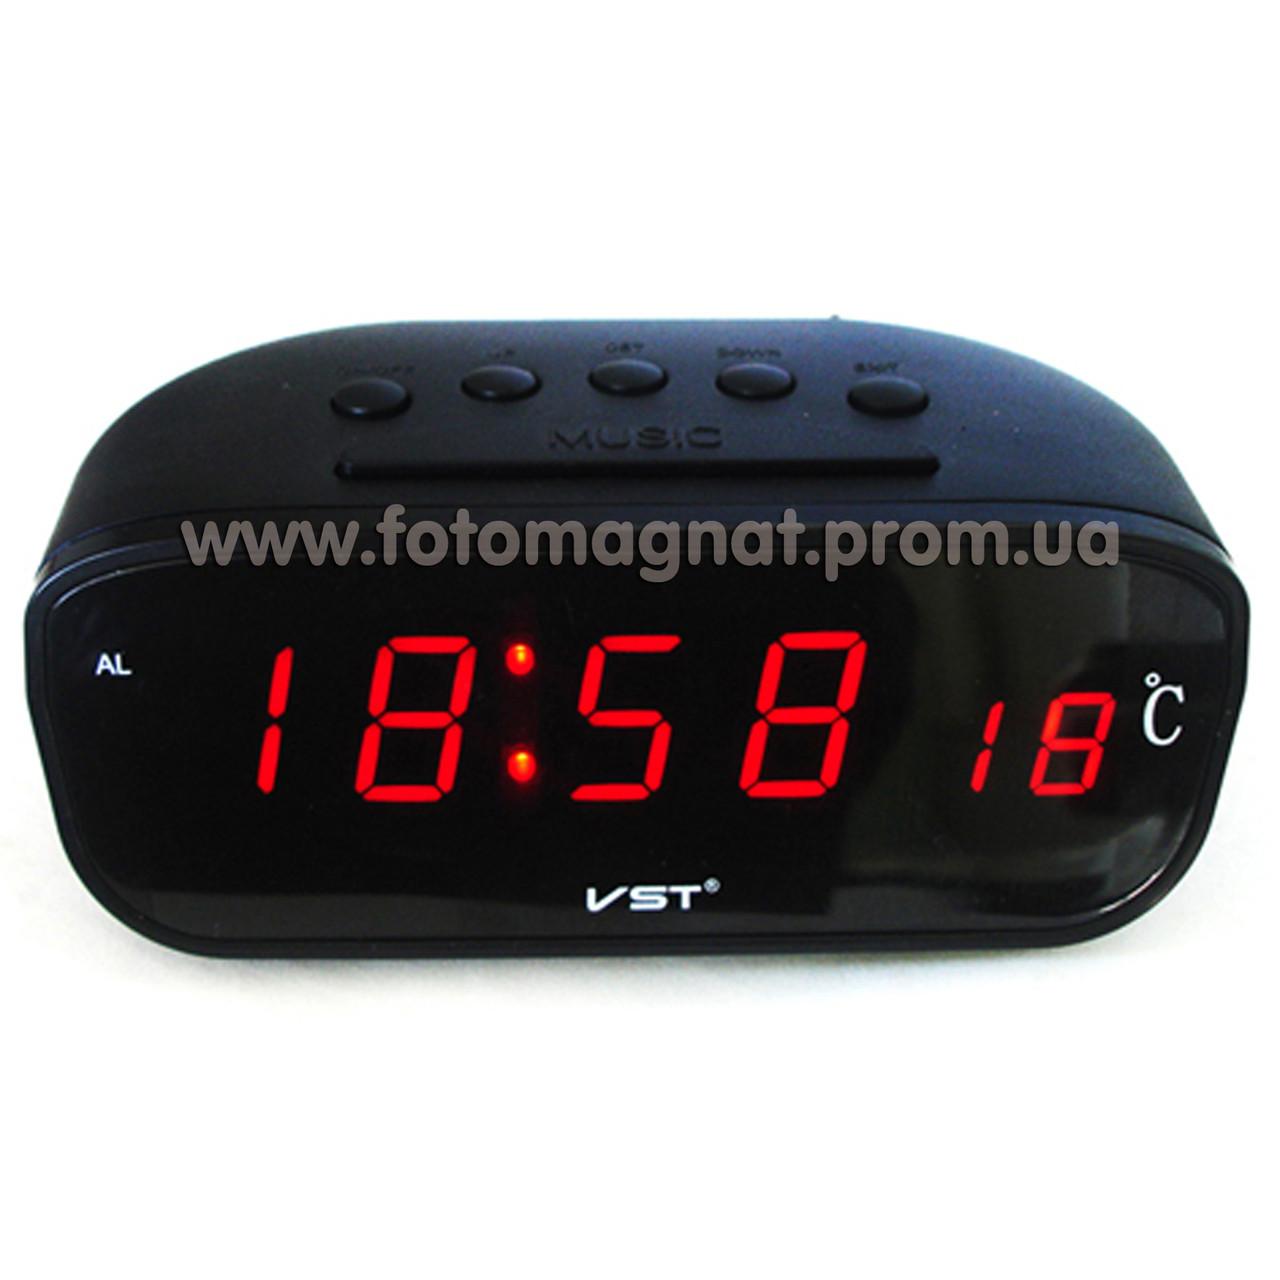 Авточасы 803C-1 красные(часы автомобиль) - Fotomagnat.net — Выгодные покупки начинаются здесь в Днепре